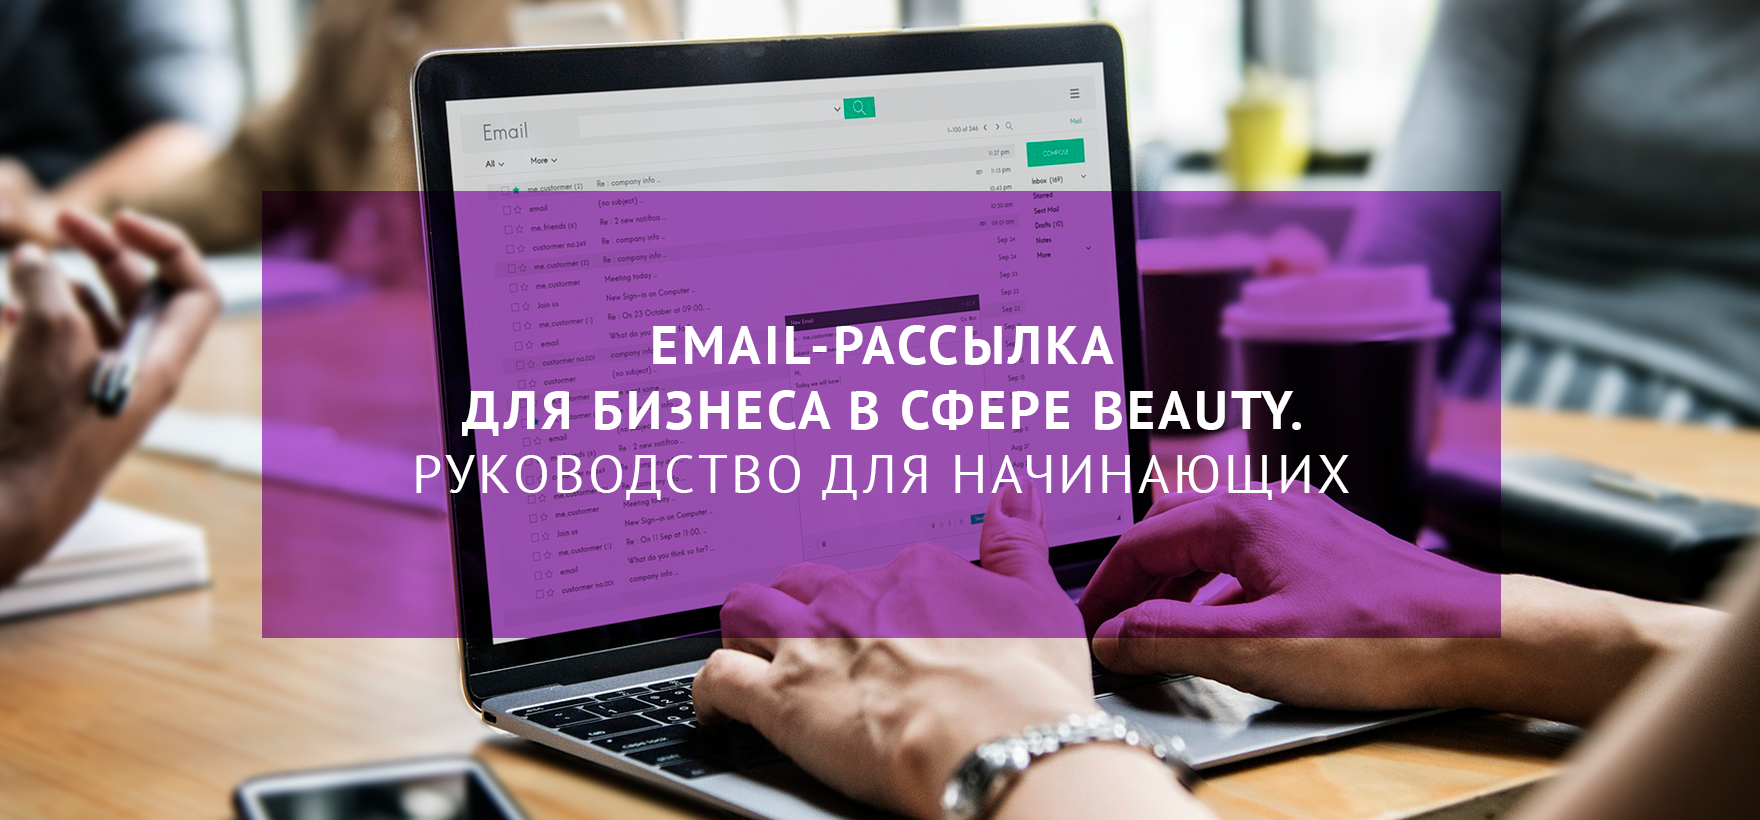 Email-рассылка: использование в бьюти бизнесе